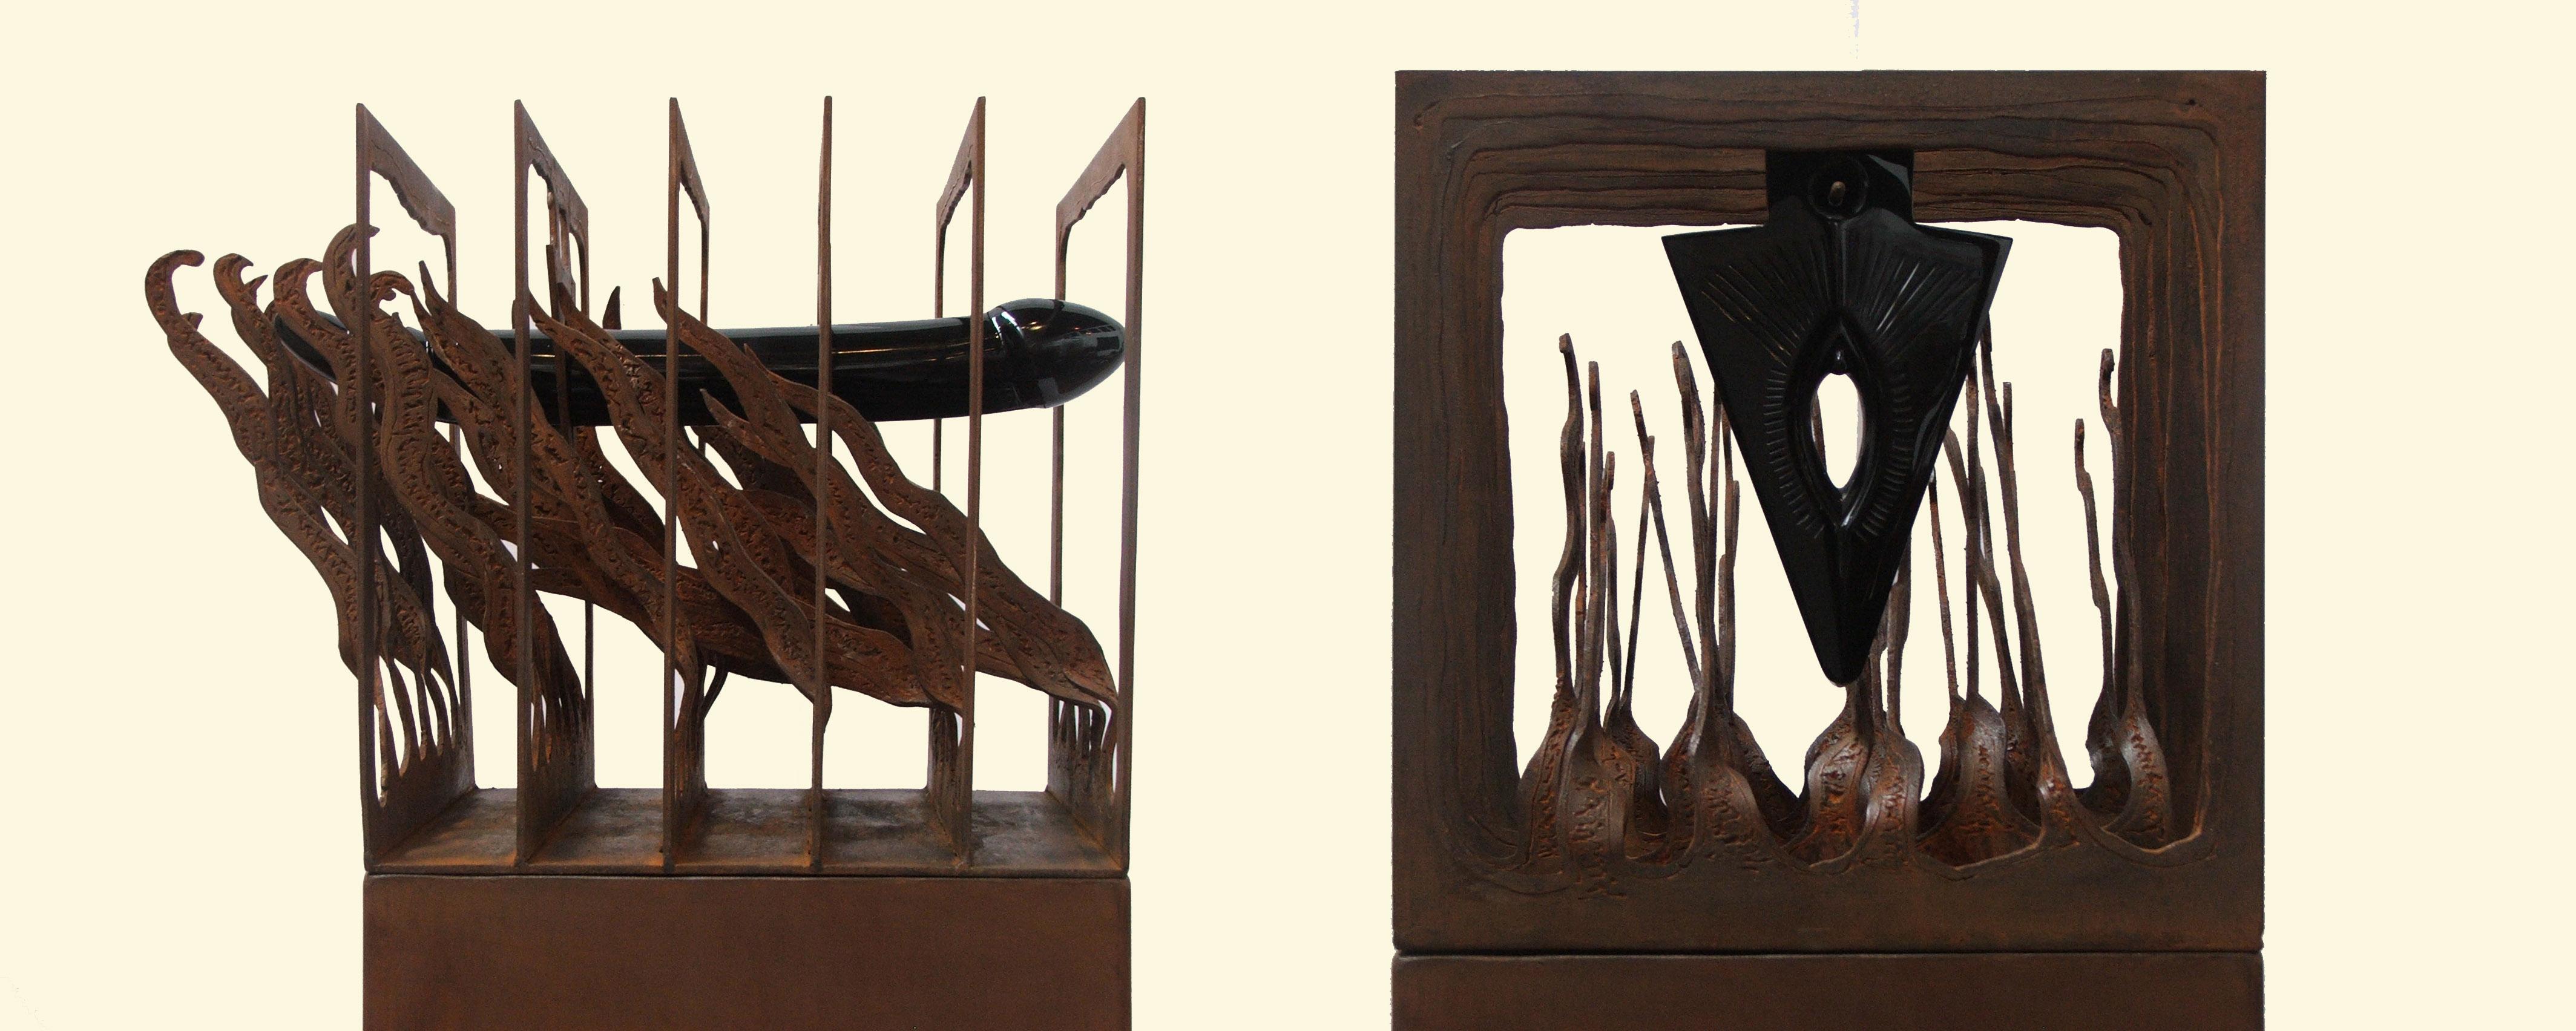 Adan y Eva Acero corte plasma y obsidiana 248 x 55 x 55